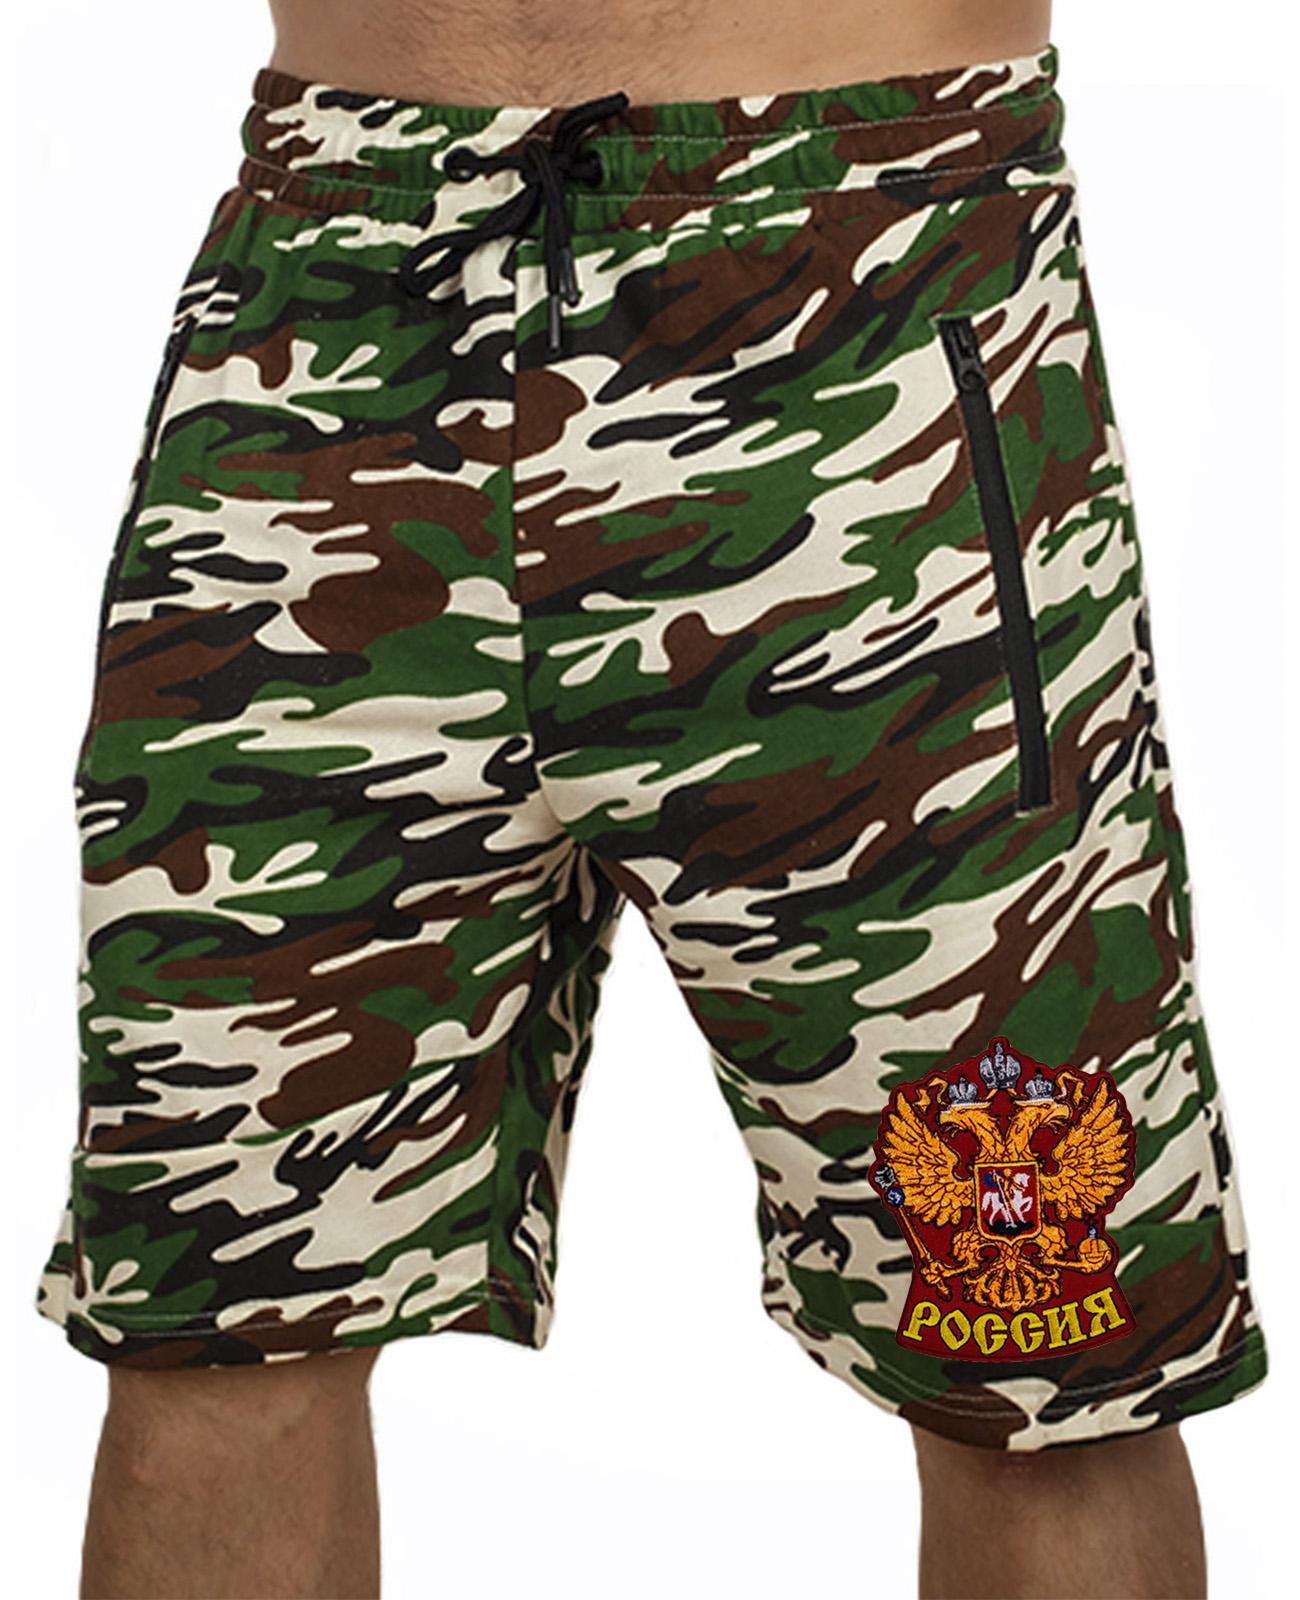 Купить армейские надежные шорты с нашивкой Россия в подарок патриоту